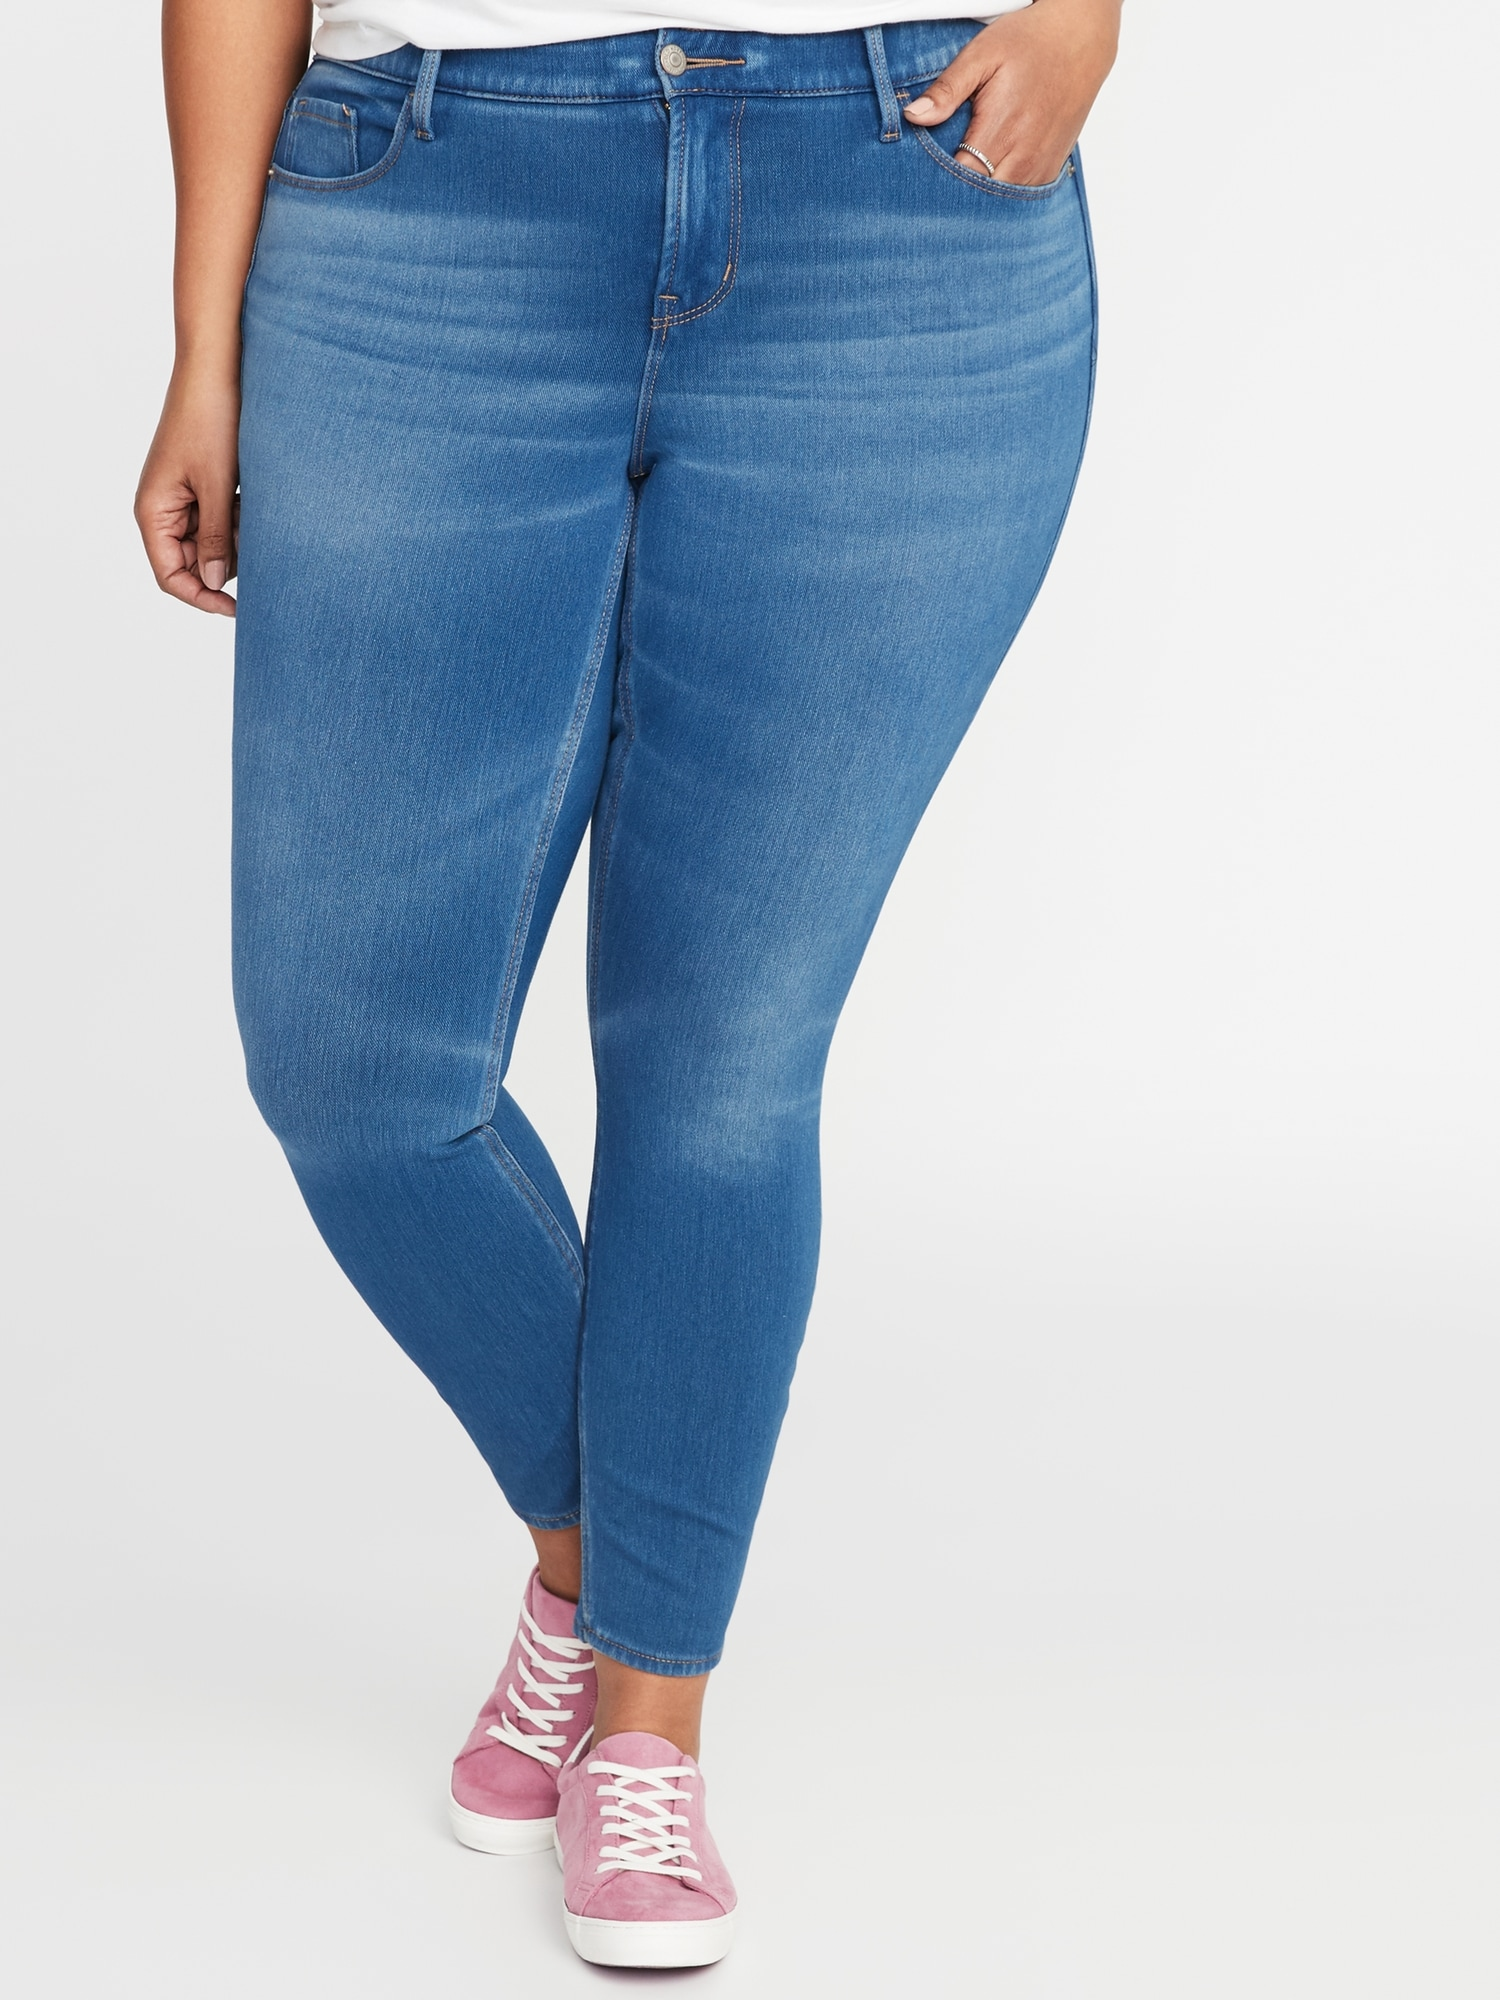 c41ab2cc739 High-Rise Plus-Size Secret-Slim Pockets + Waistband 24 7 Sculpt Rockstar  Jeans